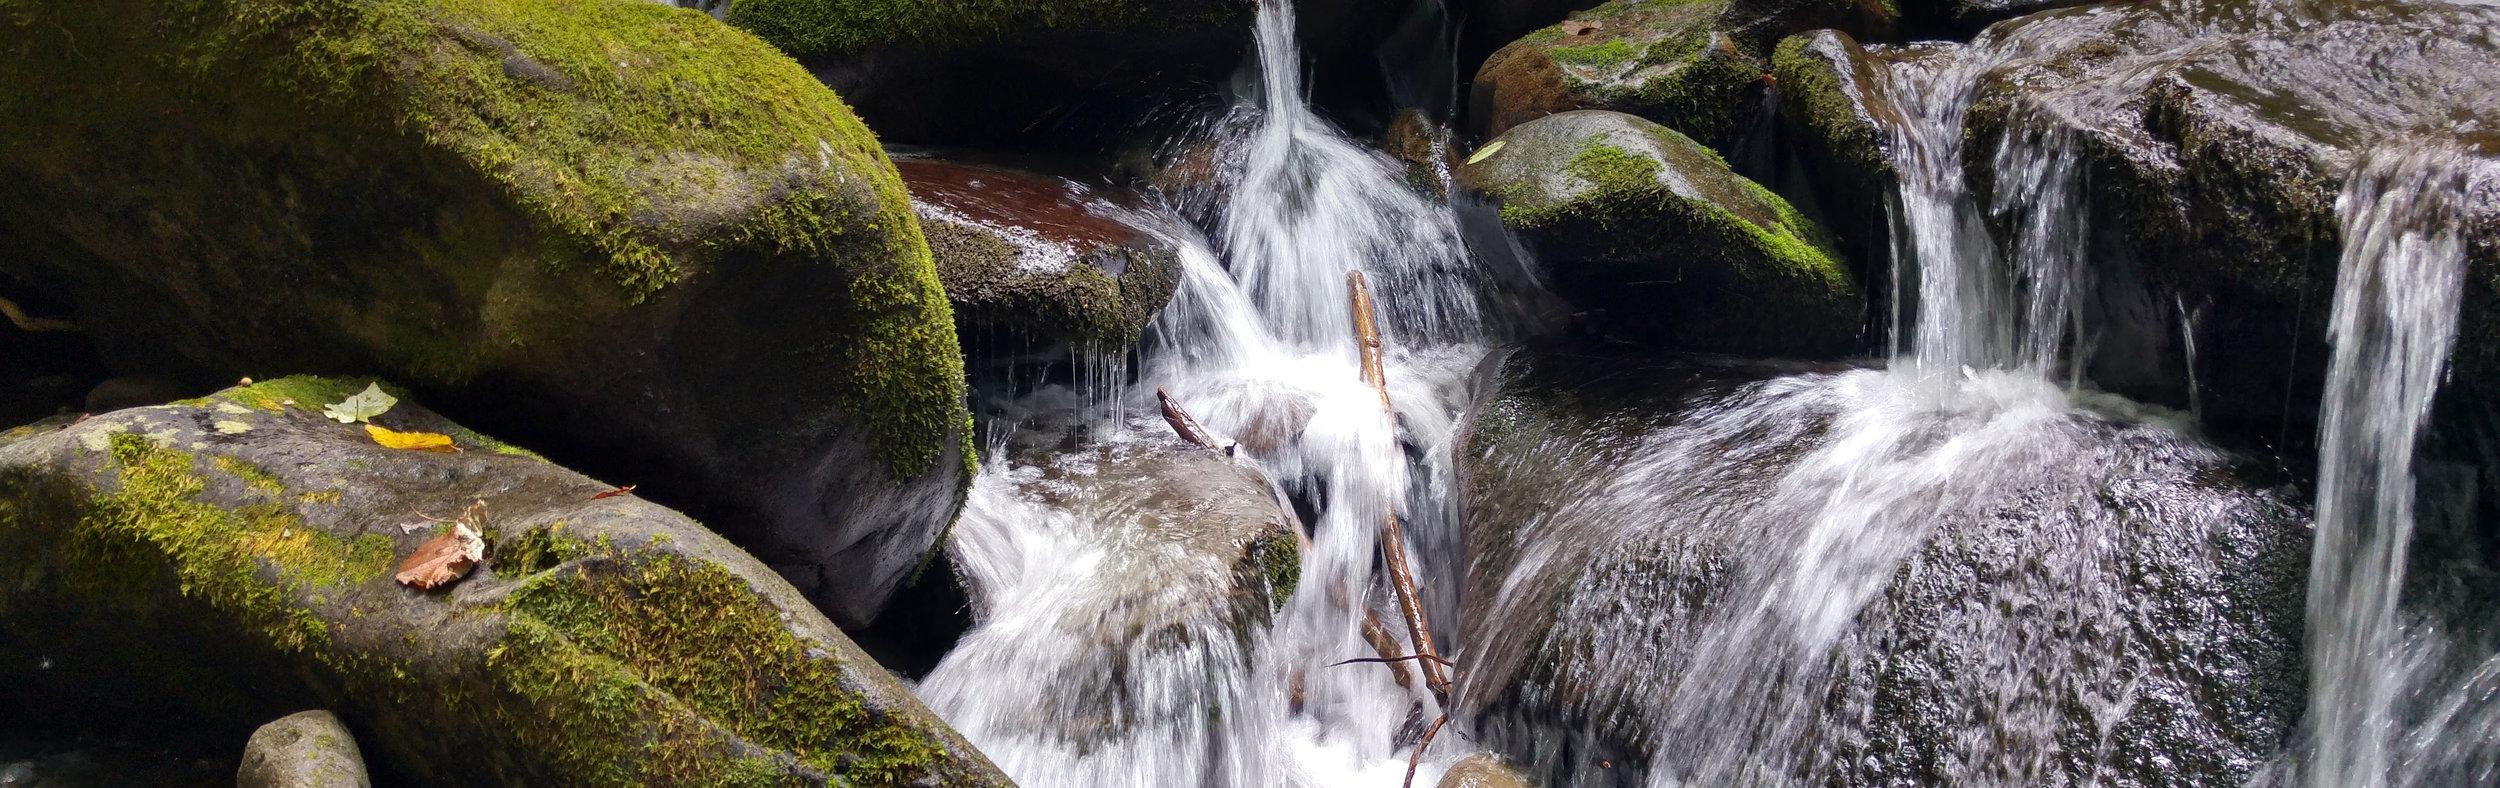 rivulet stream.jpg